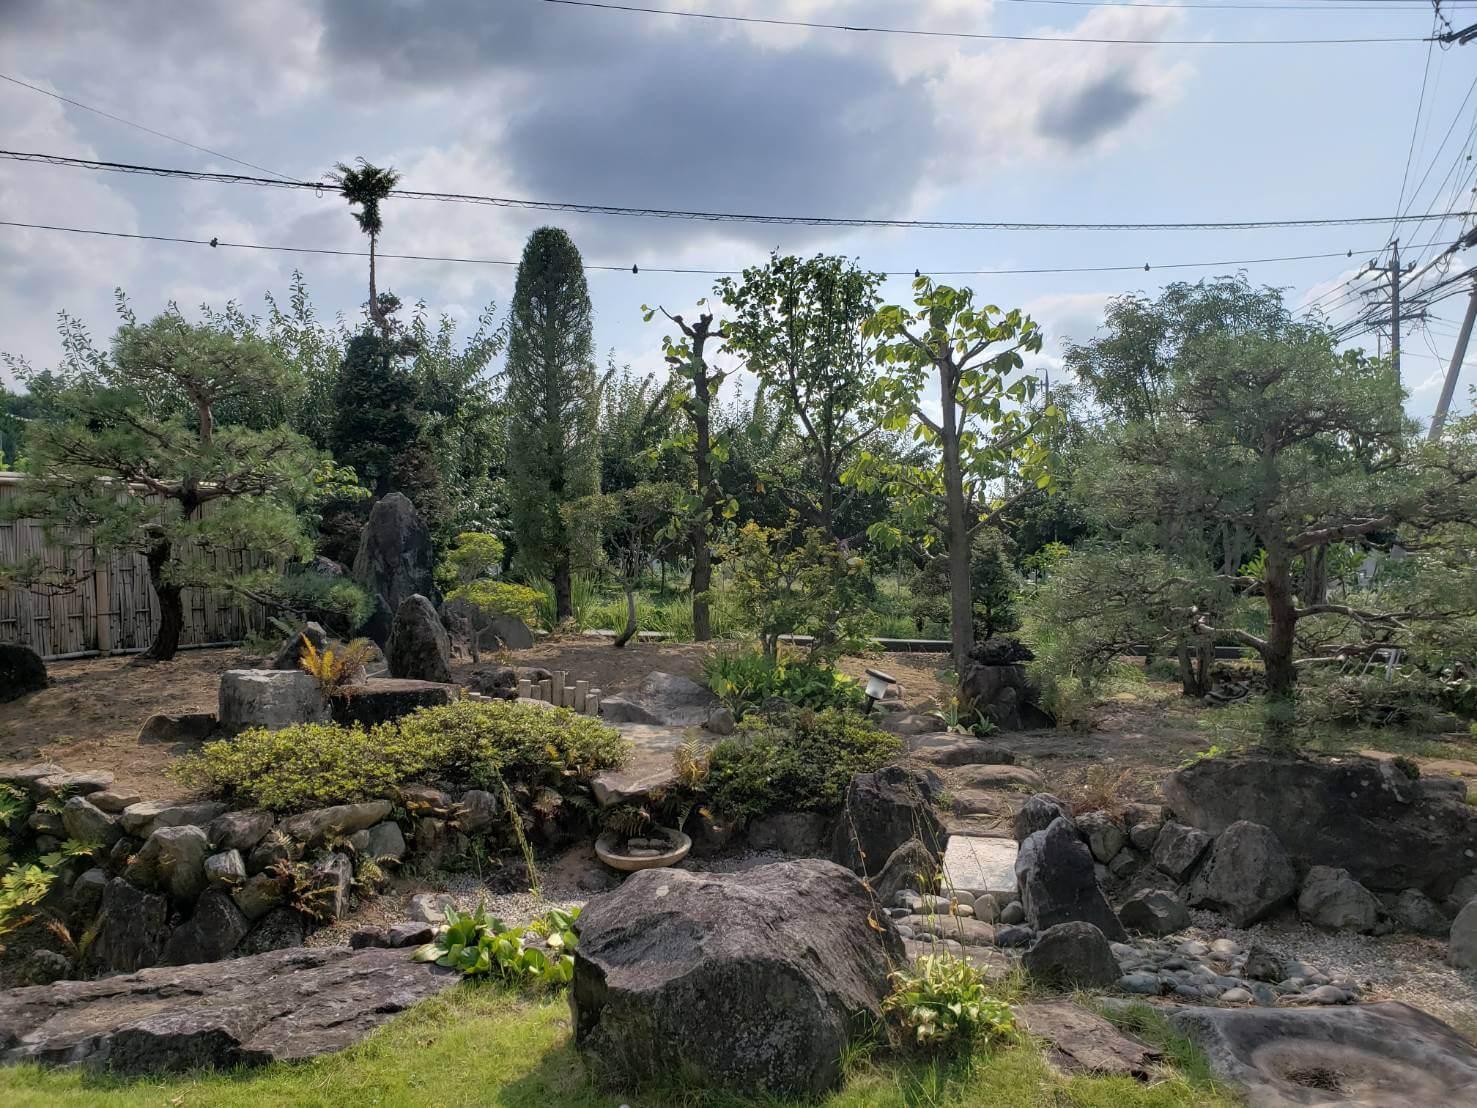 2020年8月30日:北信地域での草刈り・庭木の剪定7